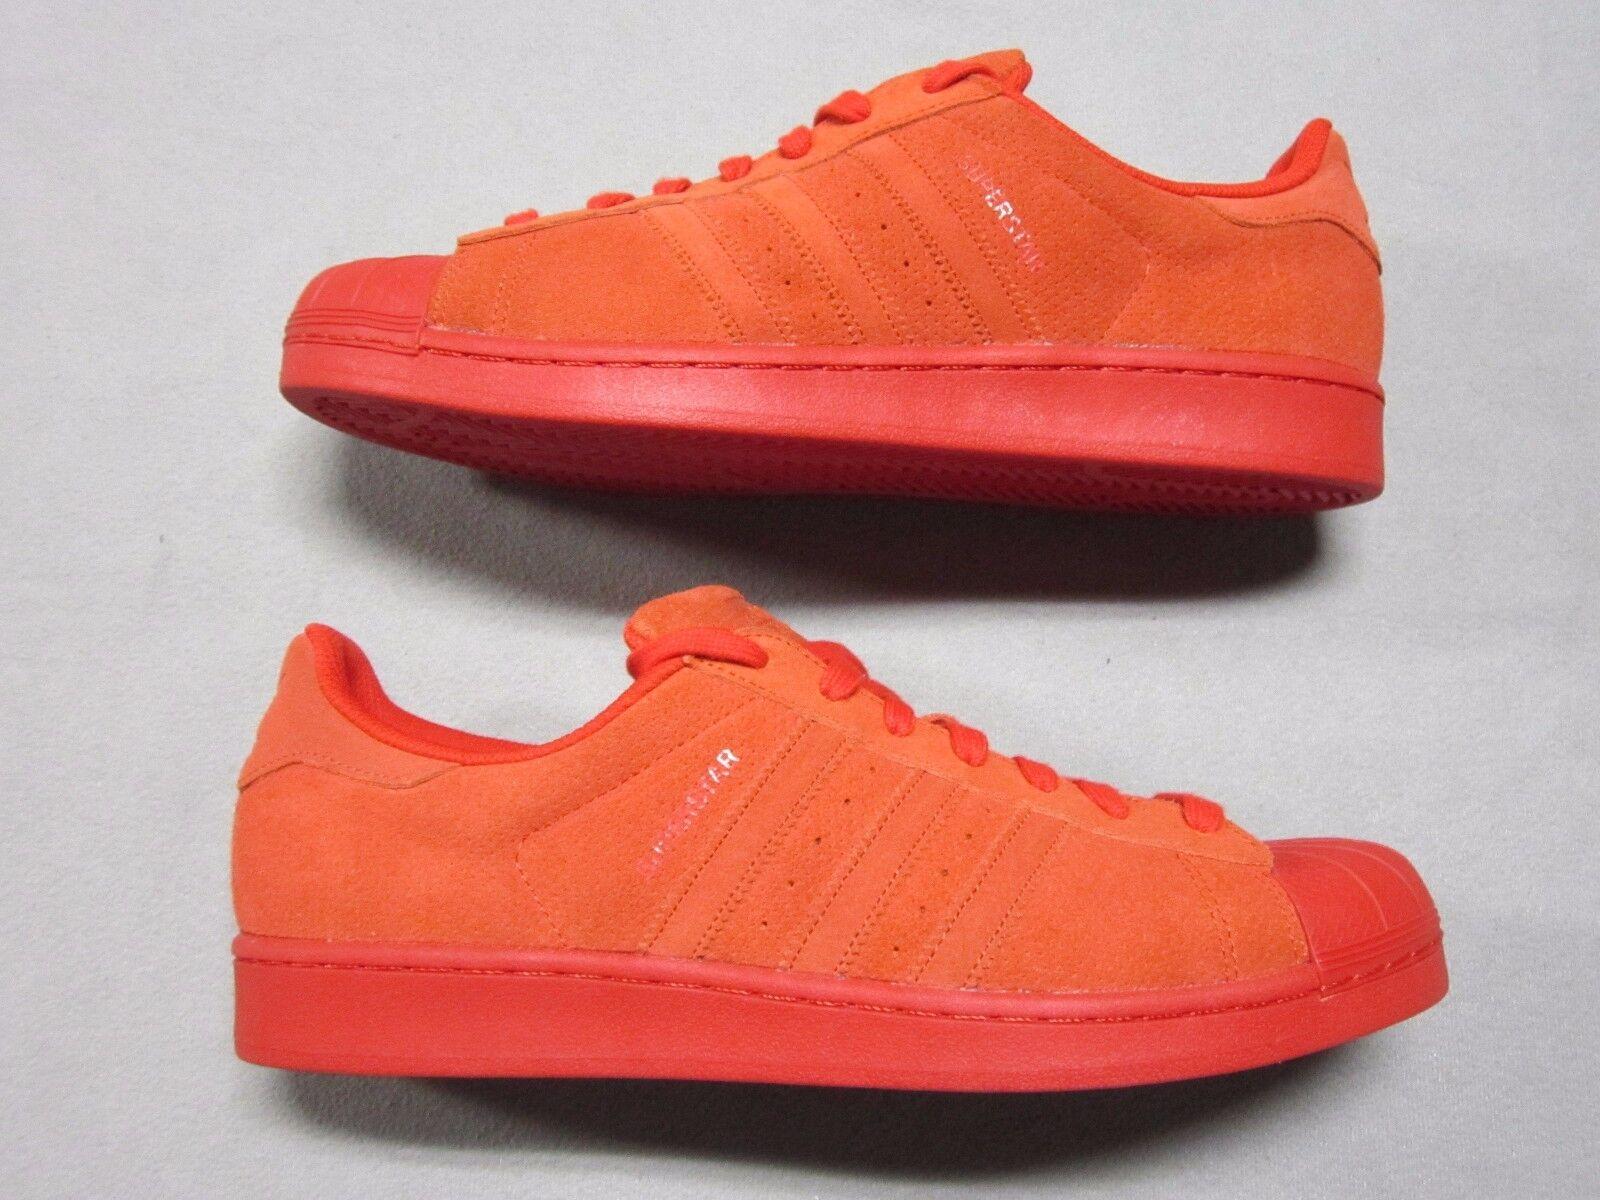 Adidas Original Superstar Mono Perf todos los zapatos tenis Rojo nuevo S79475